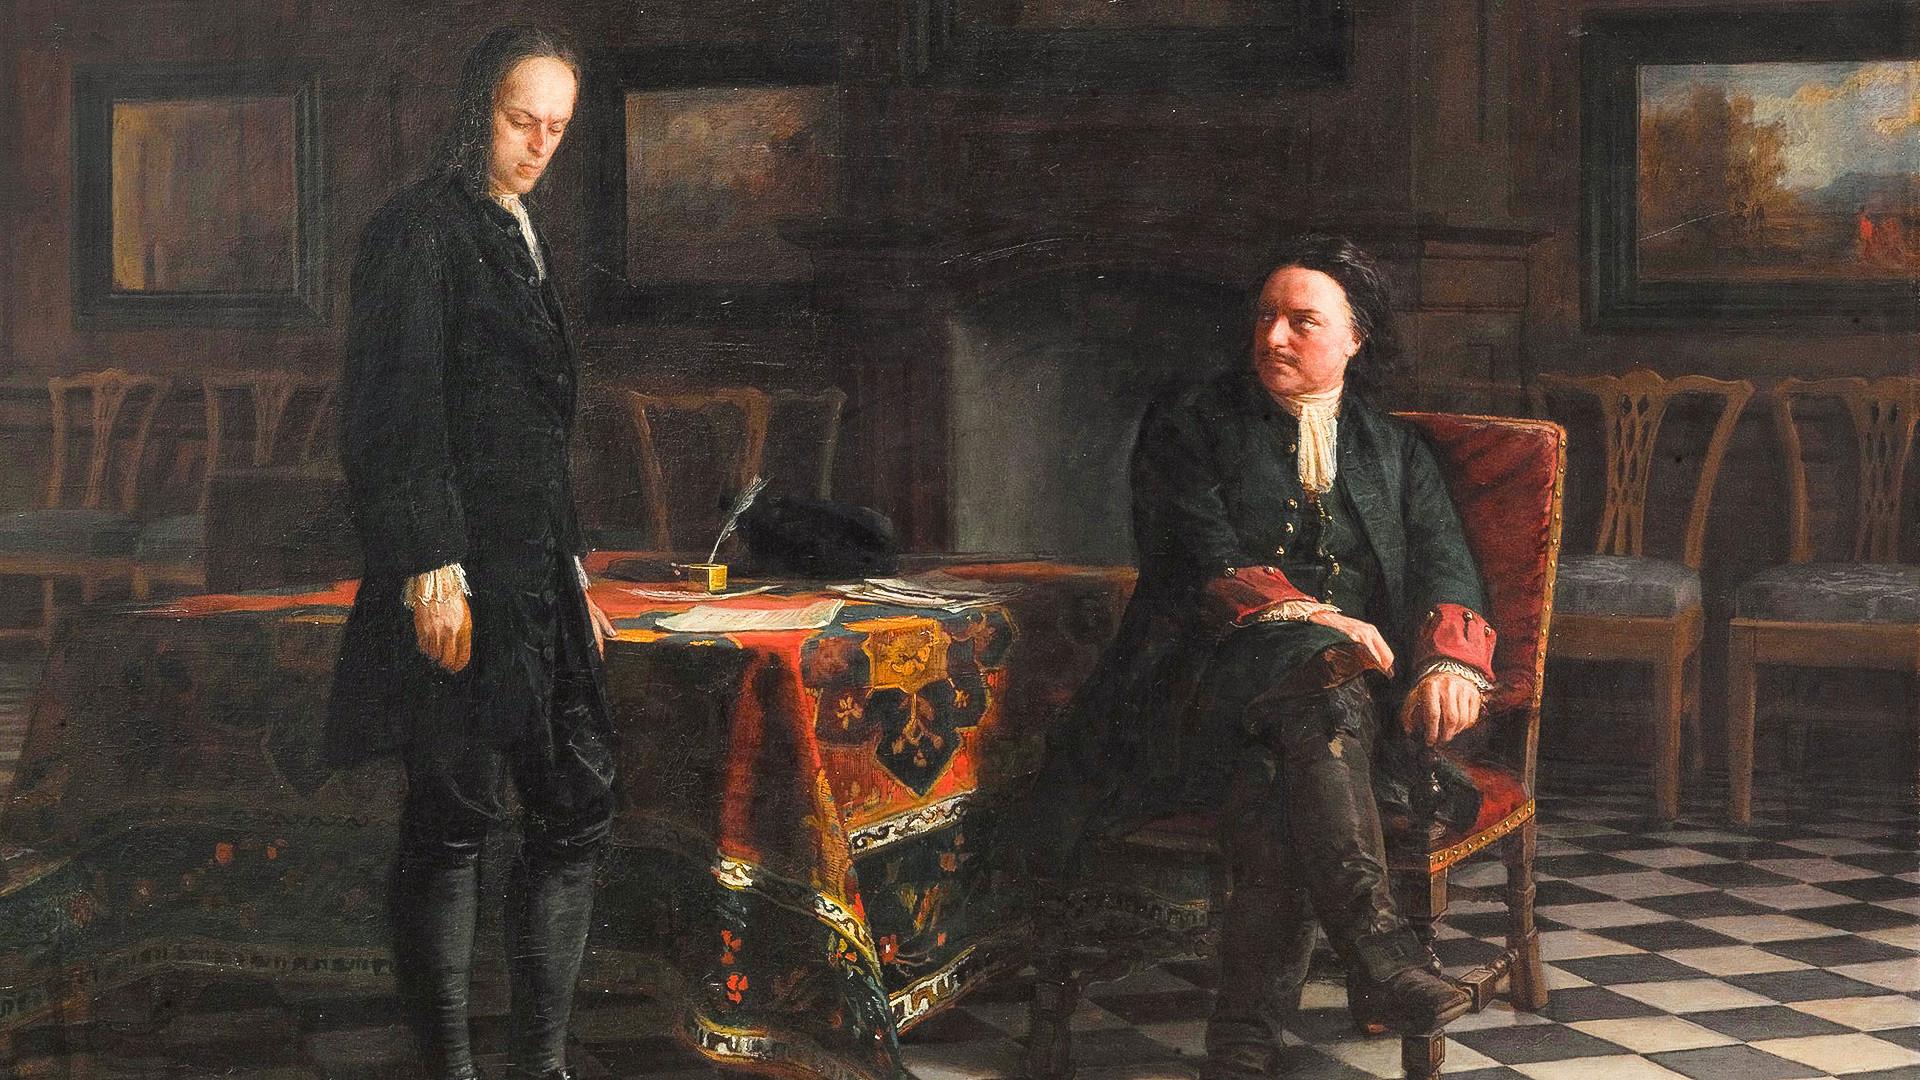 Pedro, o Grande, interroga o tsarevitch Aleksêi Petróvitch em Peterhof, em 1871.